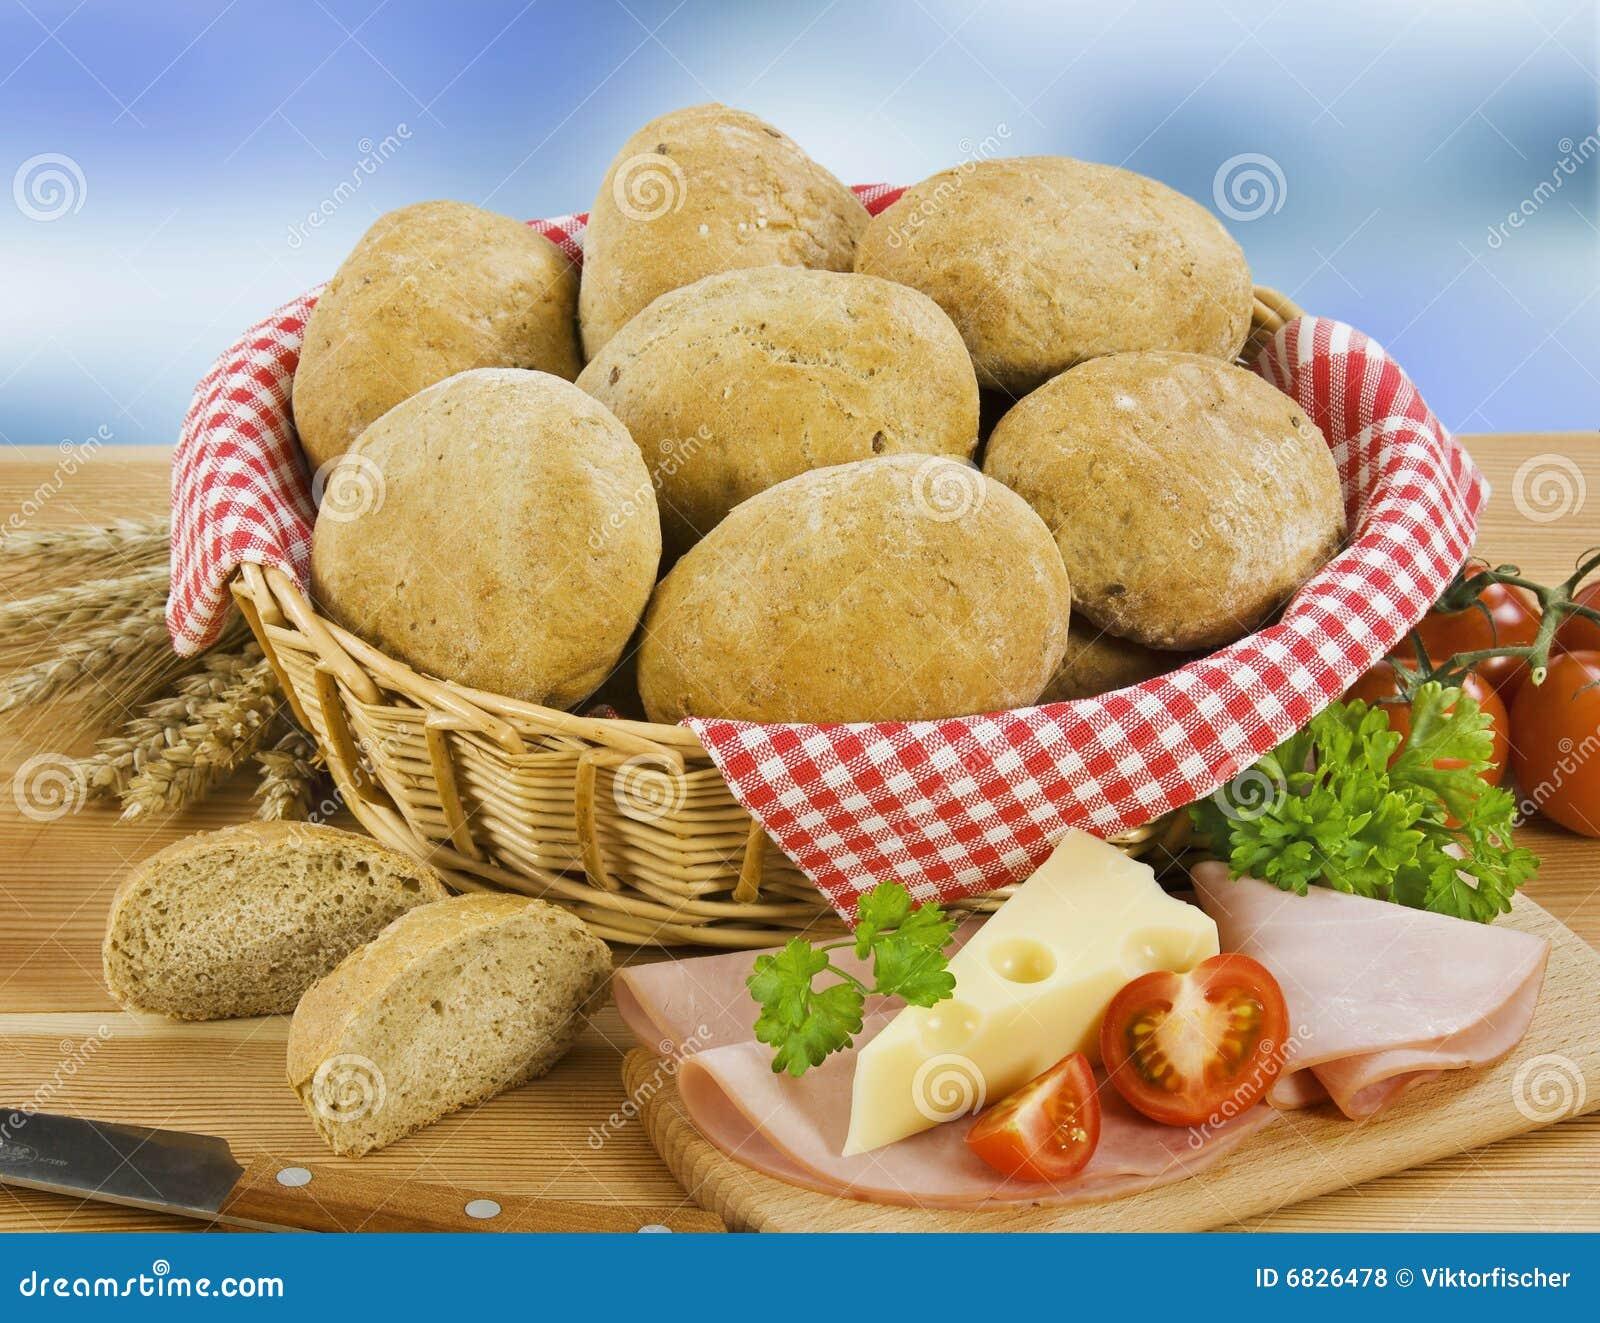 全麦面包的小圆面包